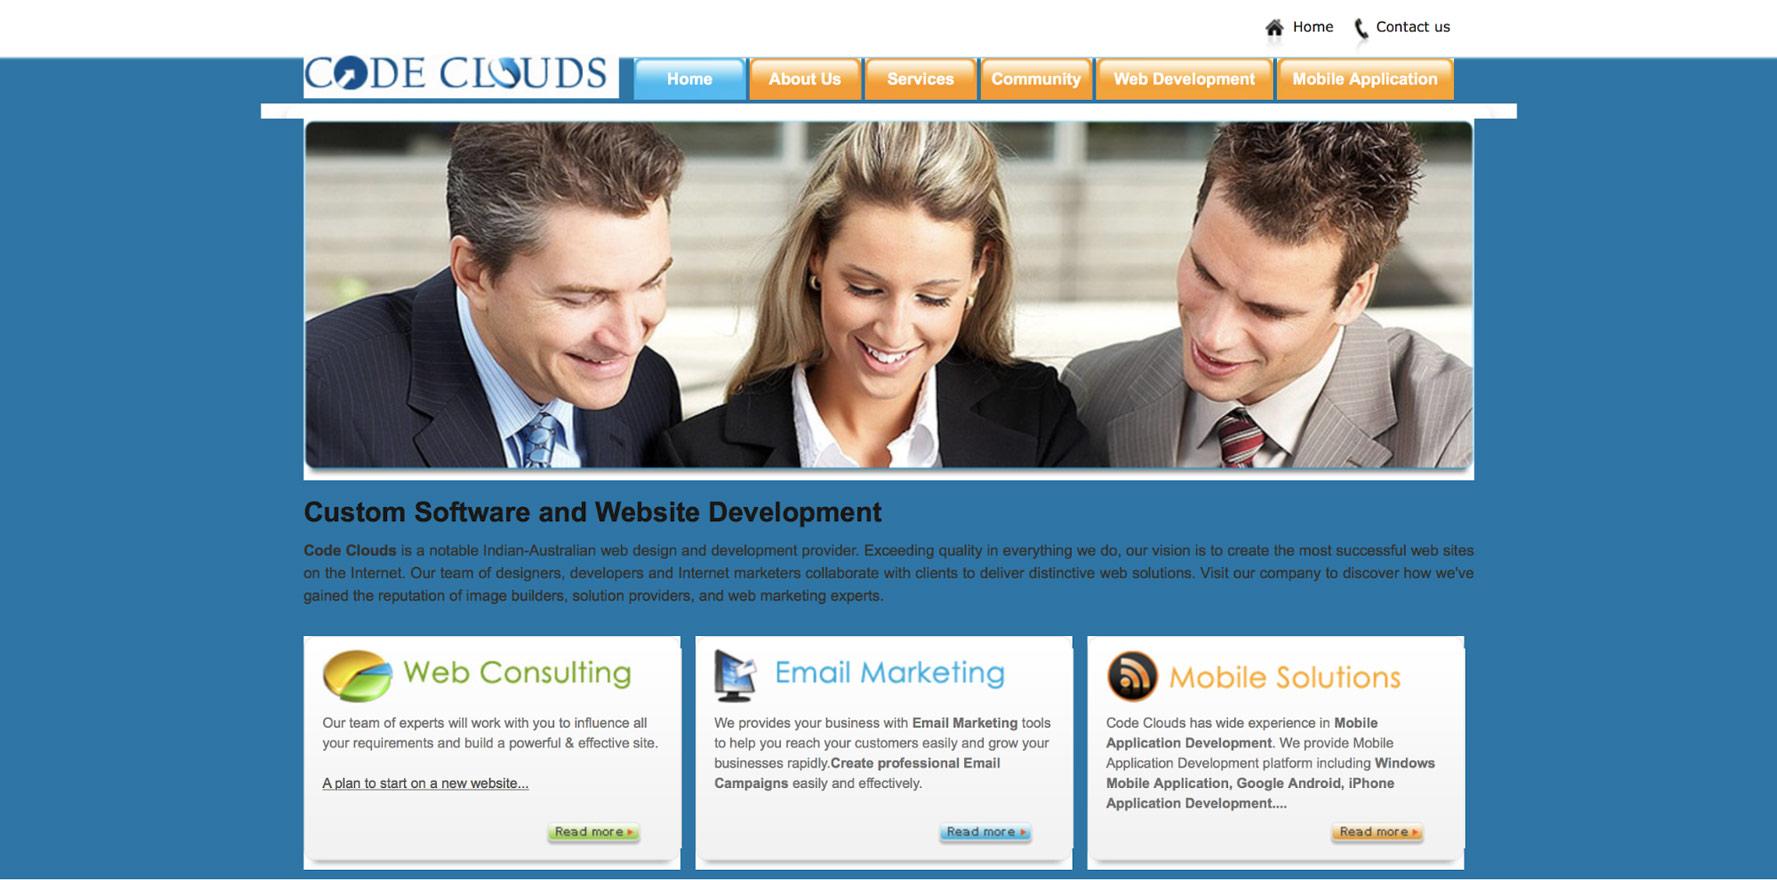 CodeClouds homepage